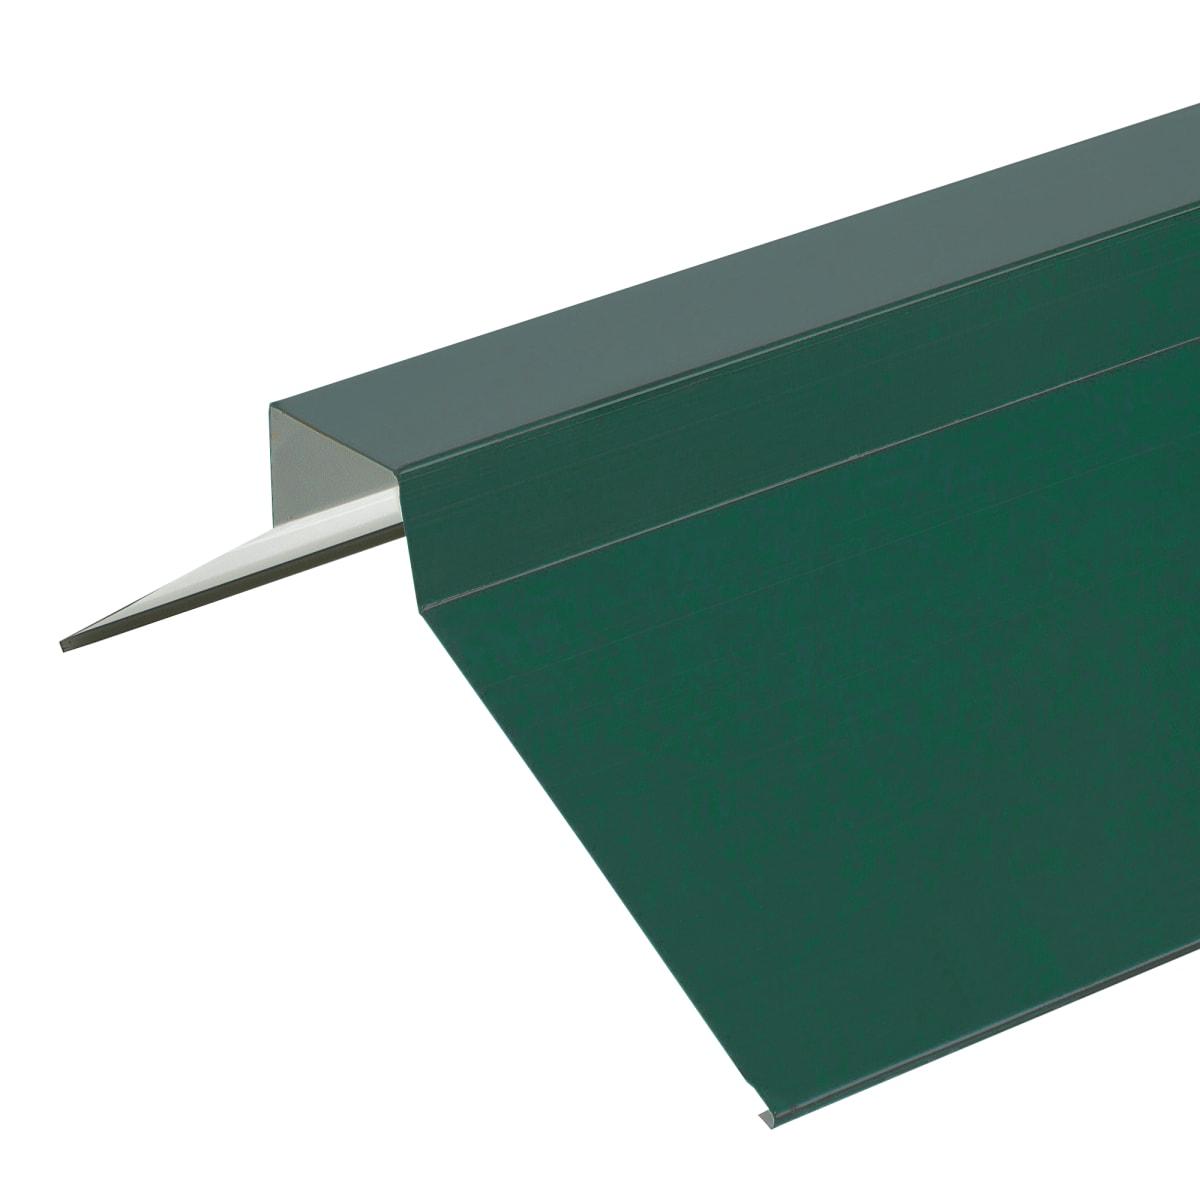 Конёк плоский с полиэстеровым покрытием 2 м цвет зелёный